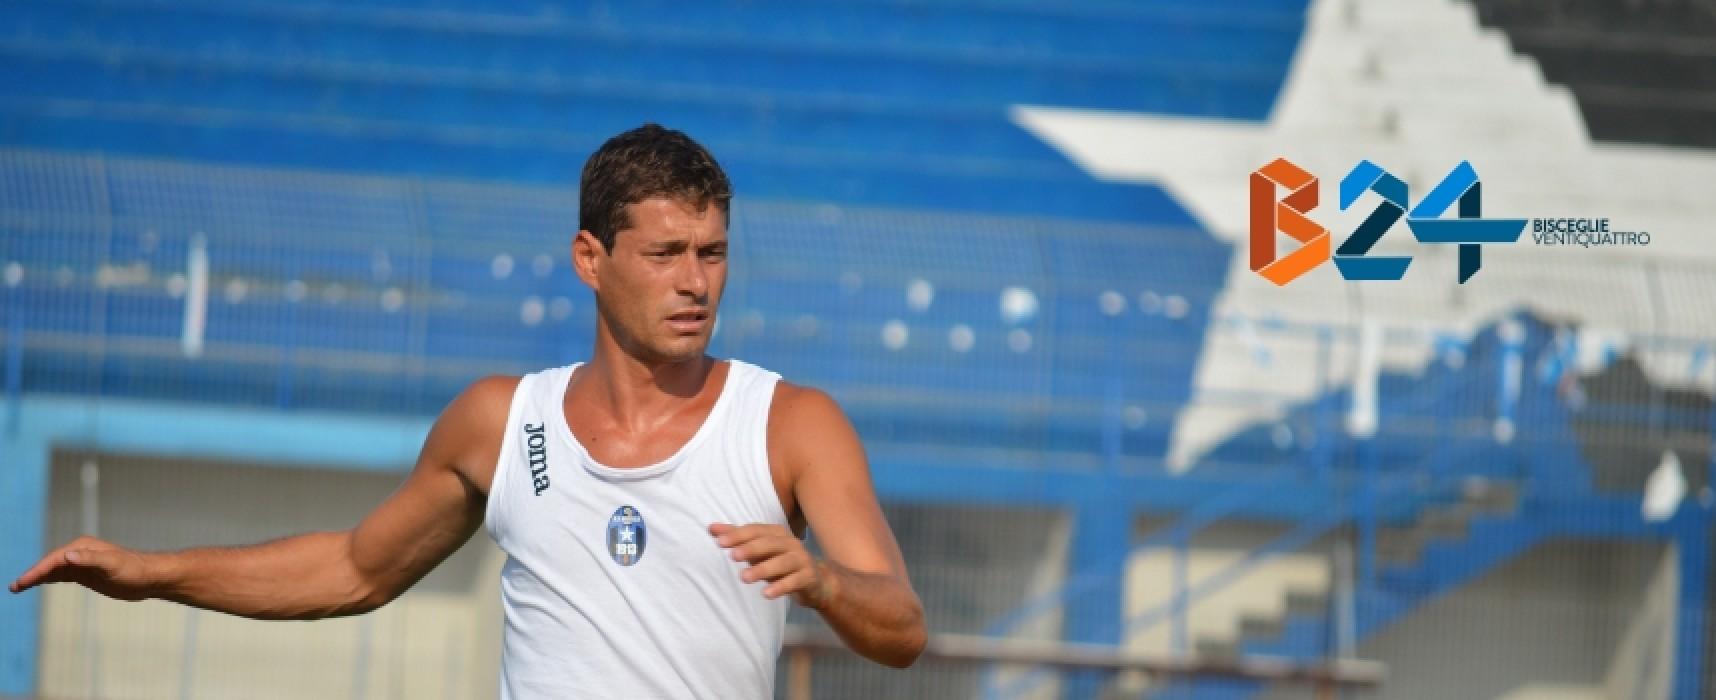 Bisceglie calcio: sei calciatori lasciano la squadra, prossima settimana società a Longo